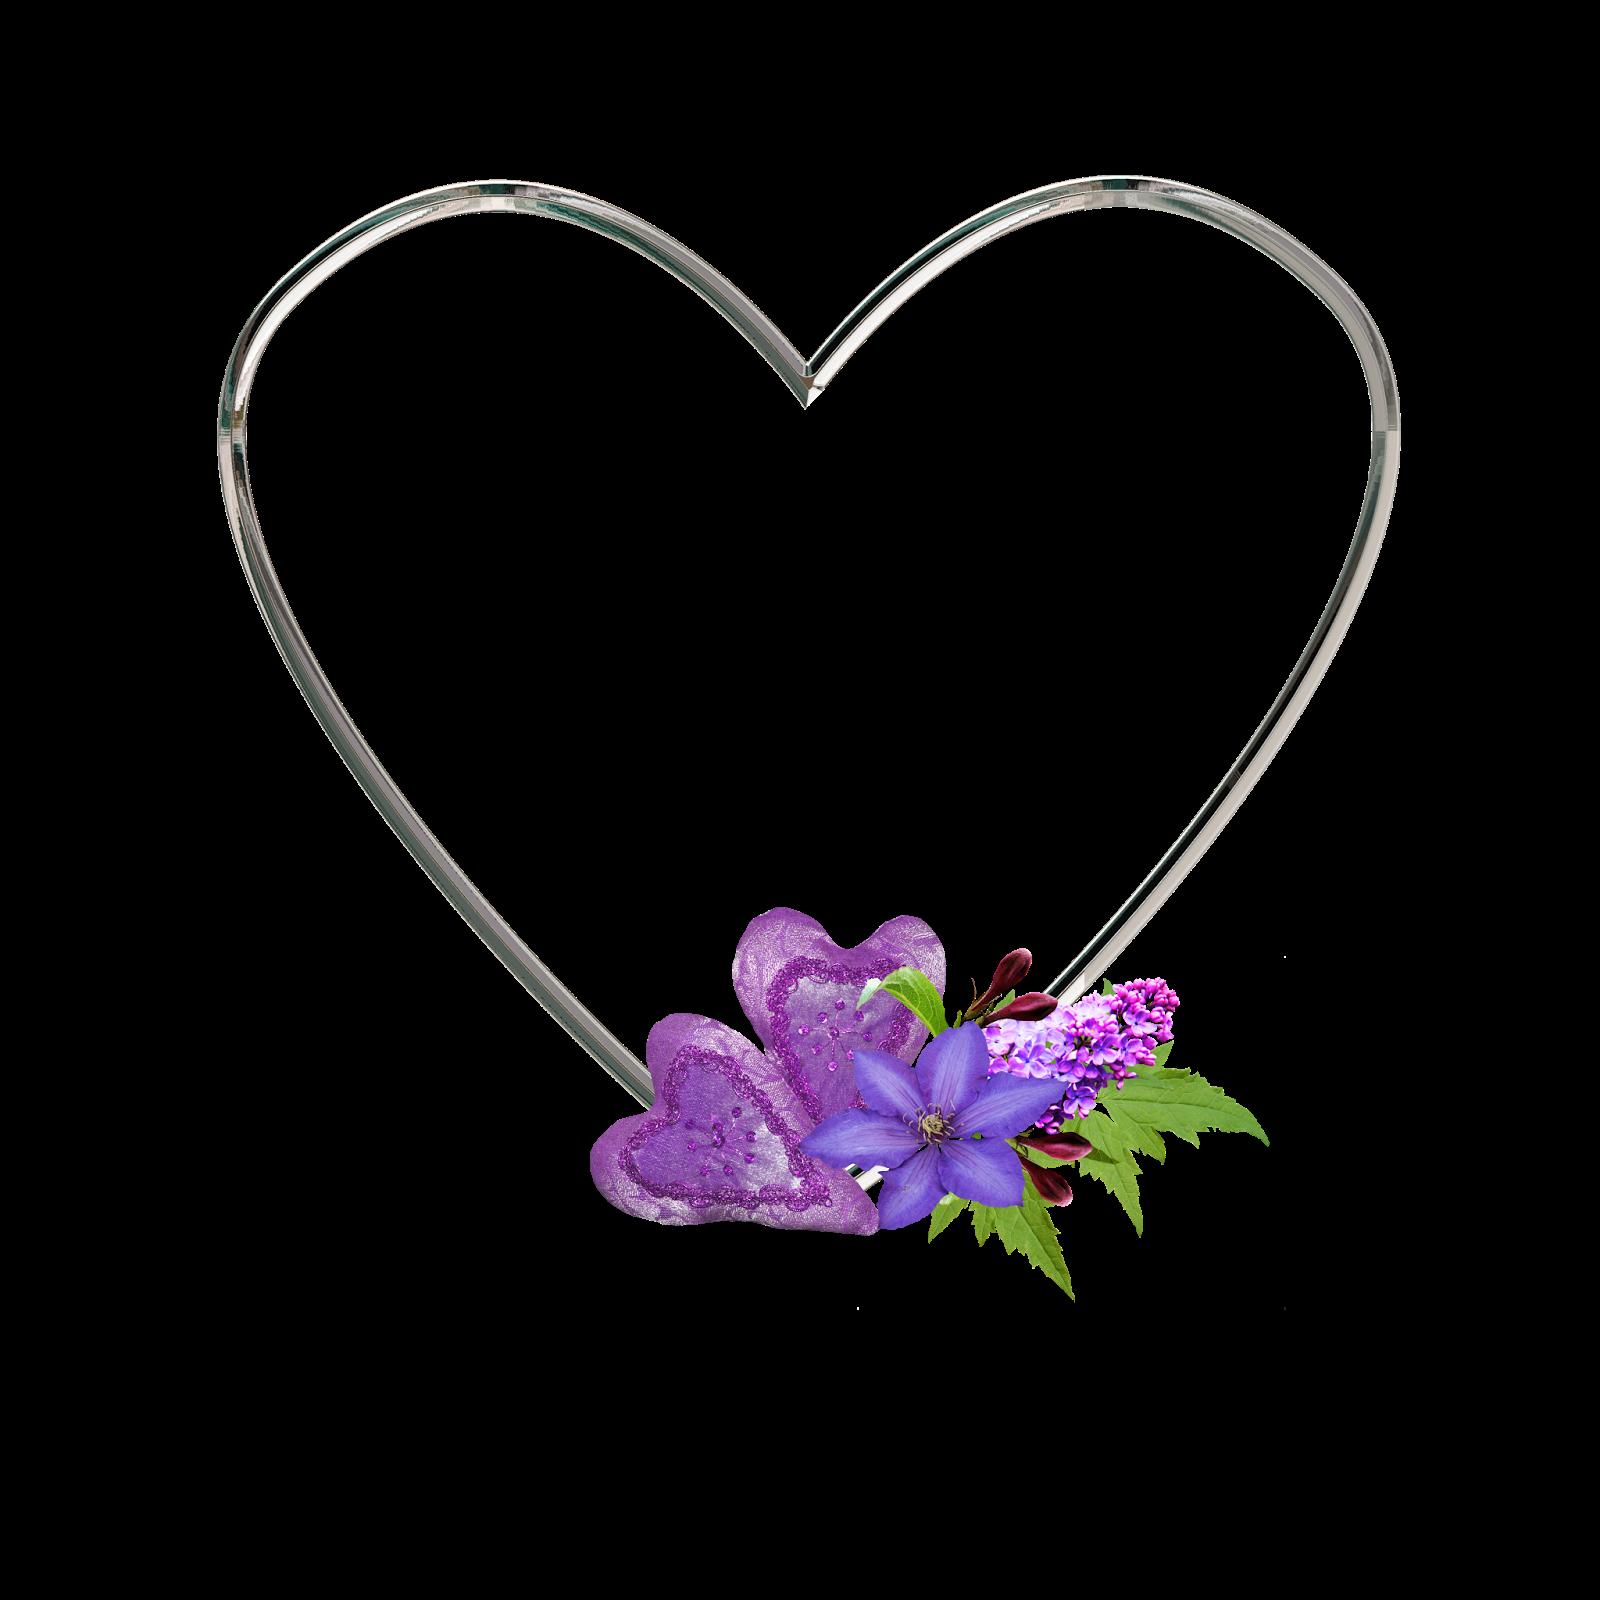 ¿Cómo descargar imágenes de San Valentín para